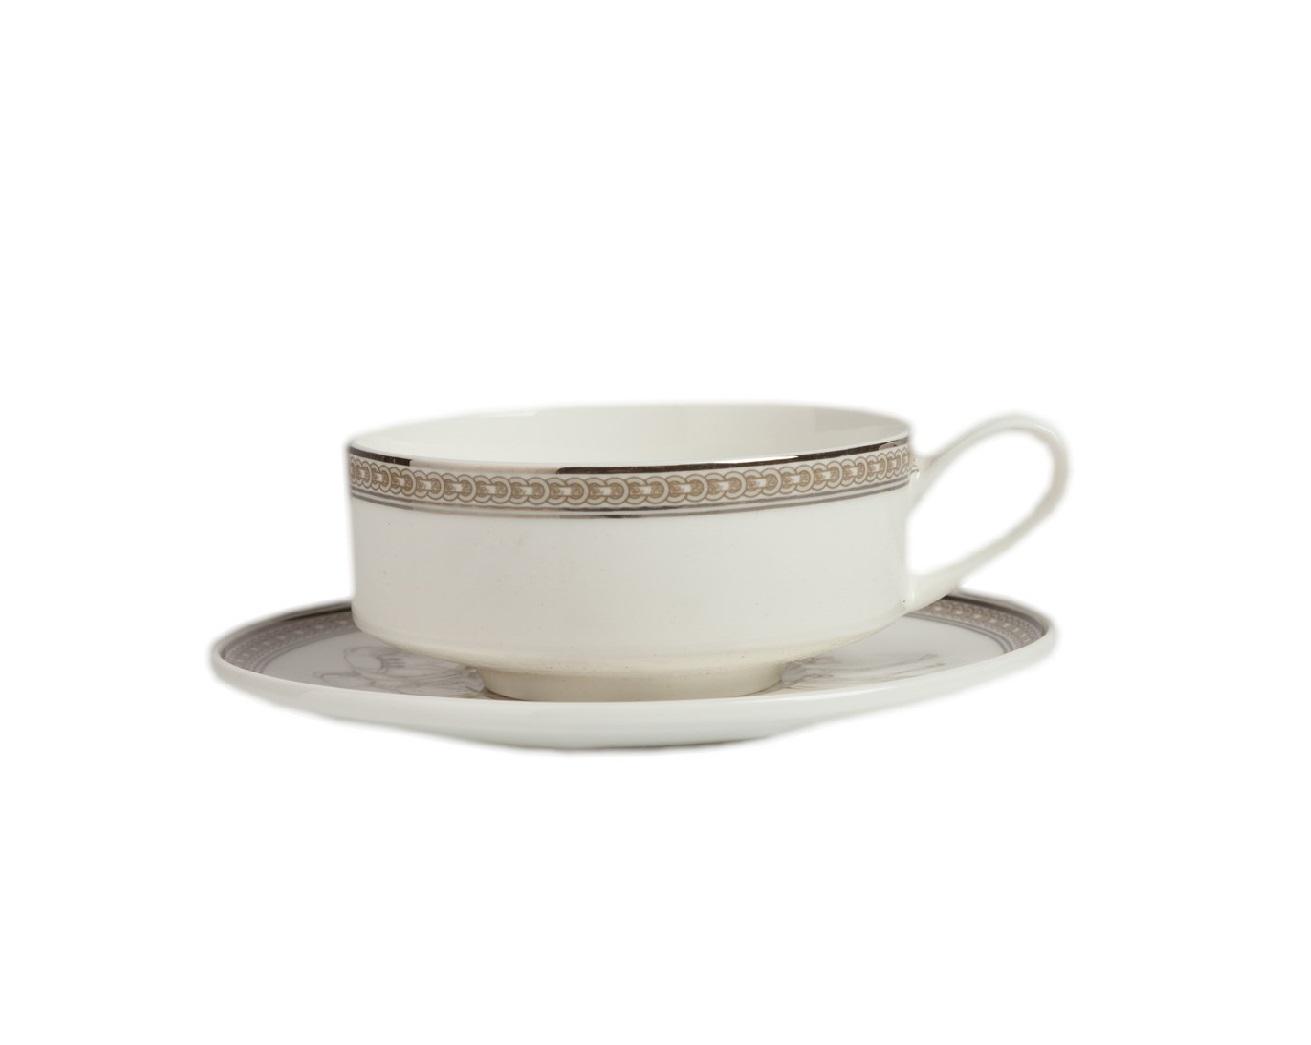 Чайная пара FlambeeЧайные пары, чашки и кружки<br>Невысокая чашечка с тонкой изящной ручкой — вот отличительные черты этой чайной пары Flambee. Спокойный рисунок, от которого веет благородством и традициями семейного чаепития. За столом, сервированным такой посудой хочется собиратся вновь и вновь. Костяной фарфор, серебрянная окантовка чашечки и блюдца — благородные детали, говорящие об изысканном происхождении.Также в коллекции Flambee в нашем интернет-магазине представлены комплекты тарелок.<br><br>Material: Фарфор<br>Height см: 7<br>Diameter см: 11